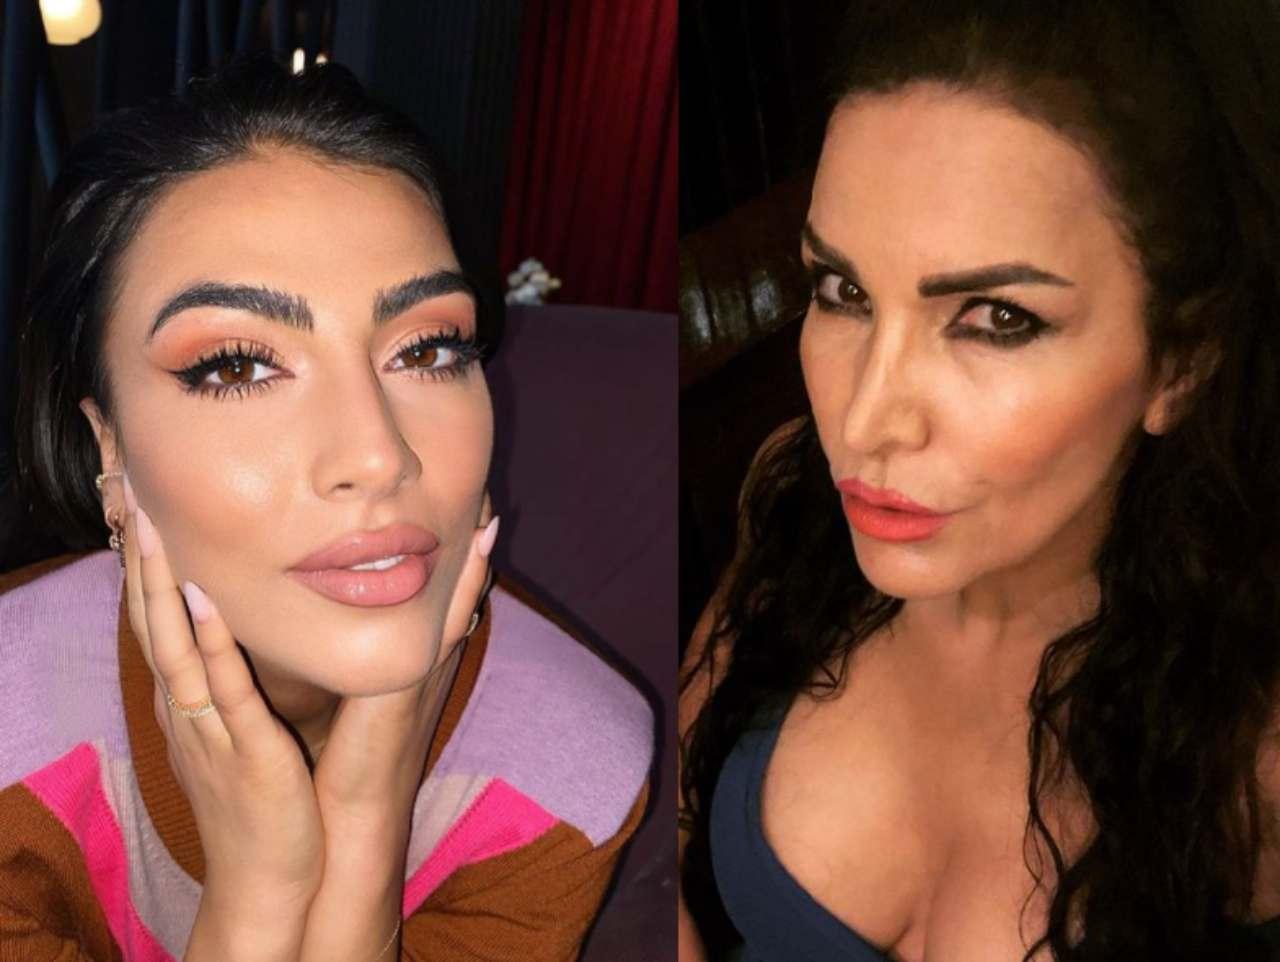 Giulia Salemi e Fariba Tehrani, rivelato il segreto